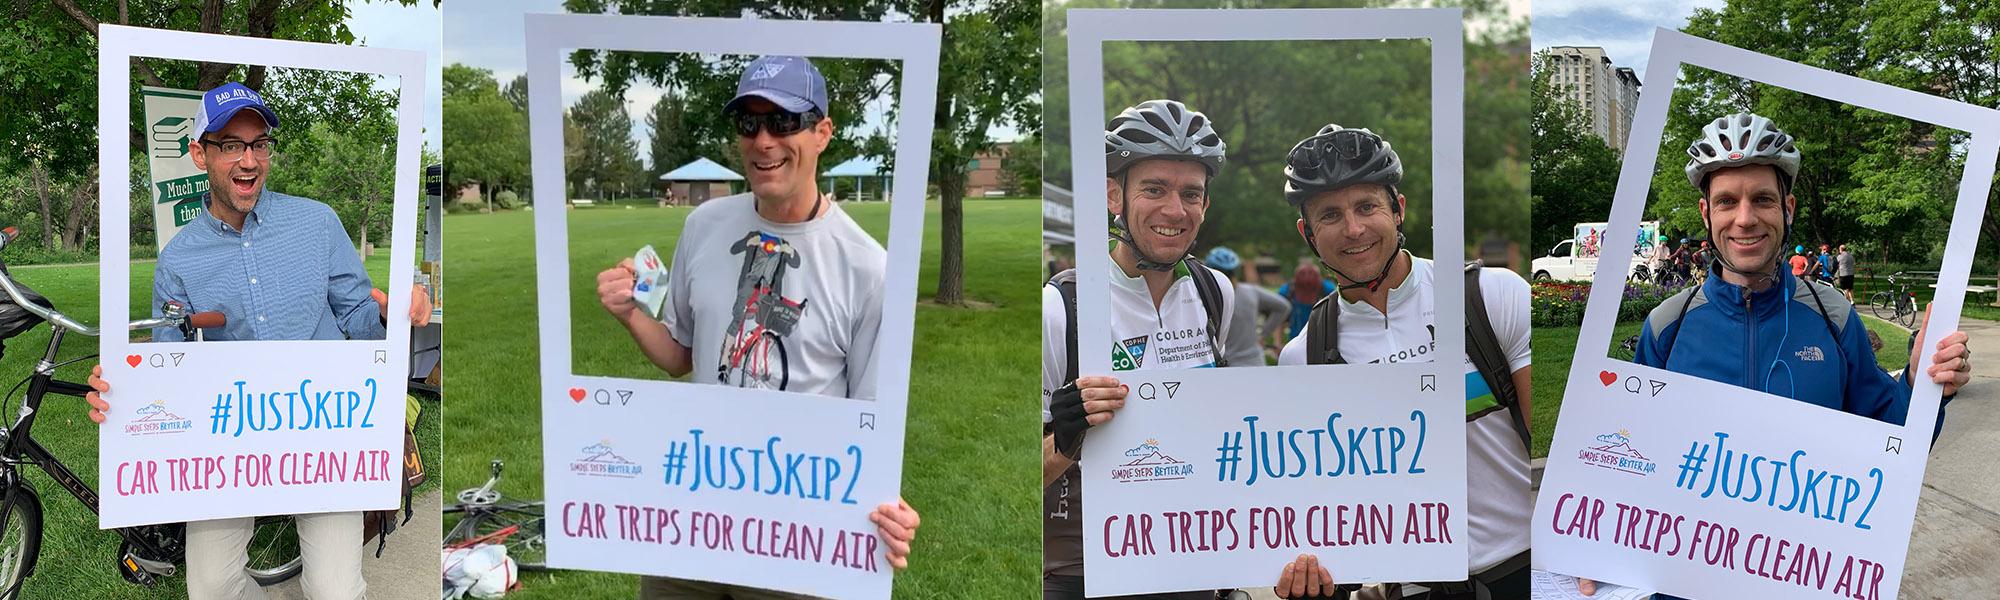 JustSkip2 car trips for clean air